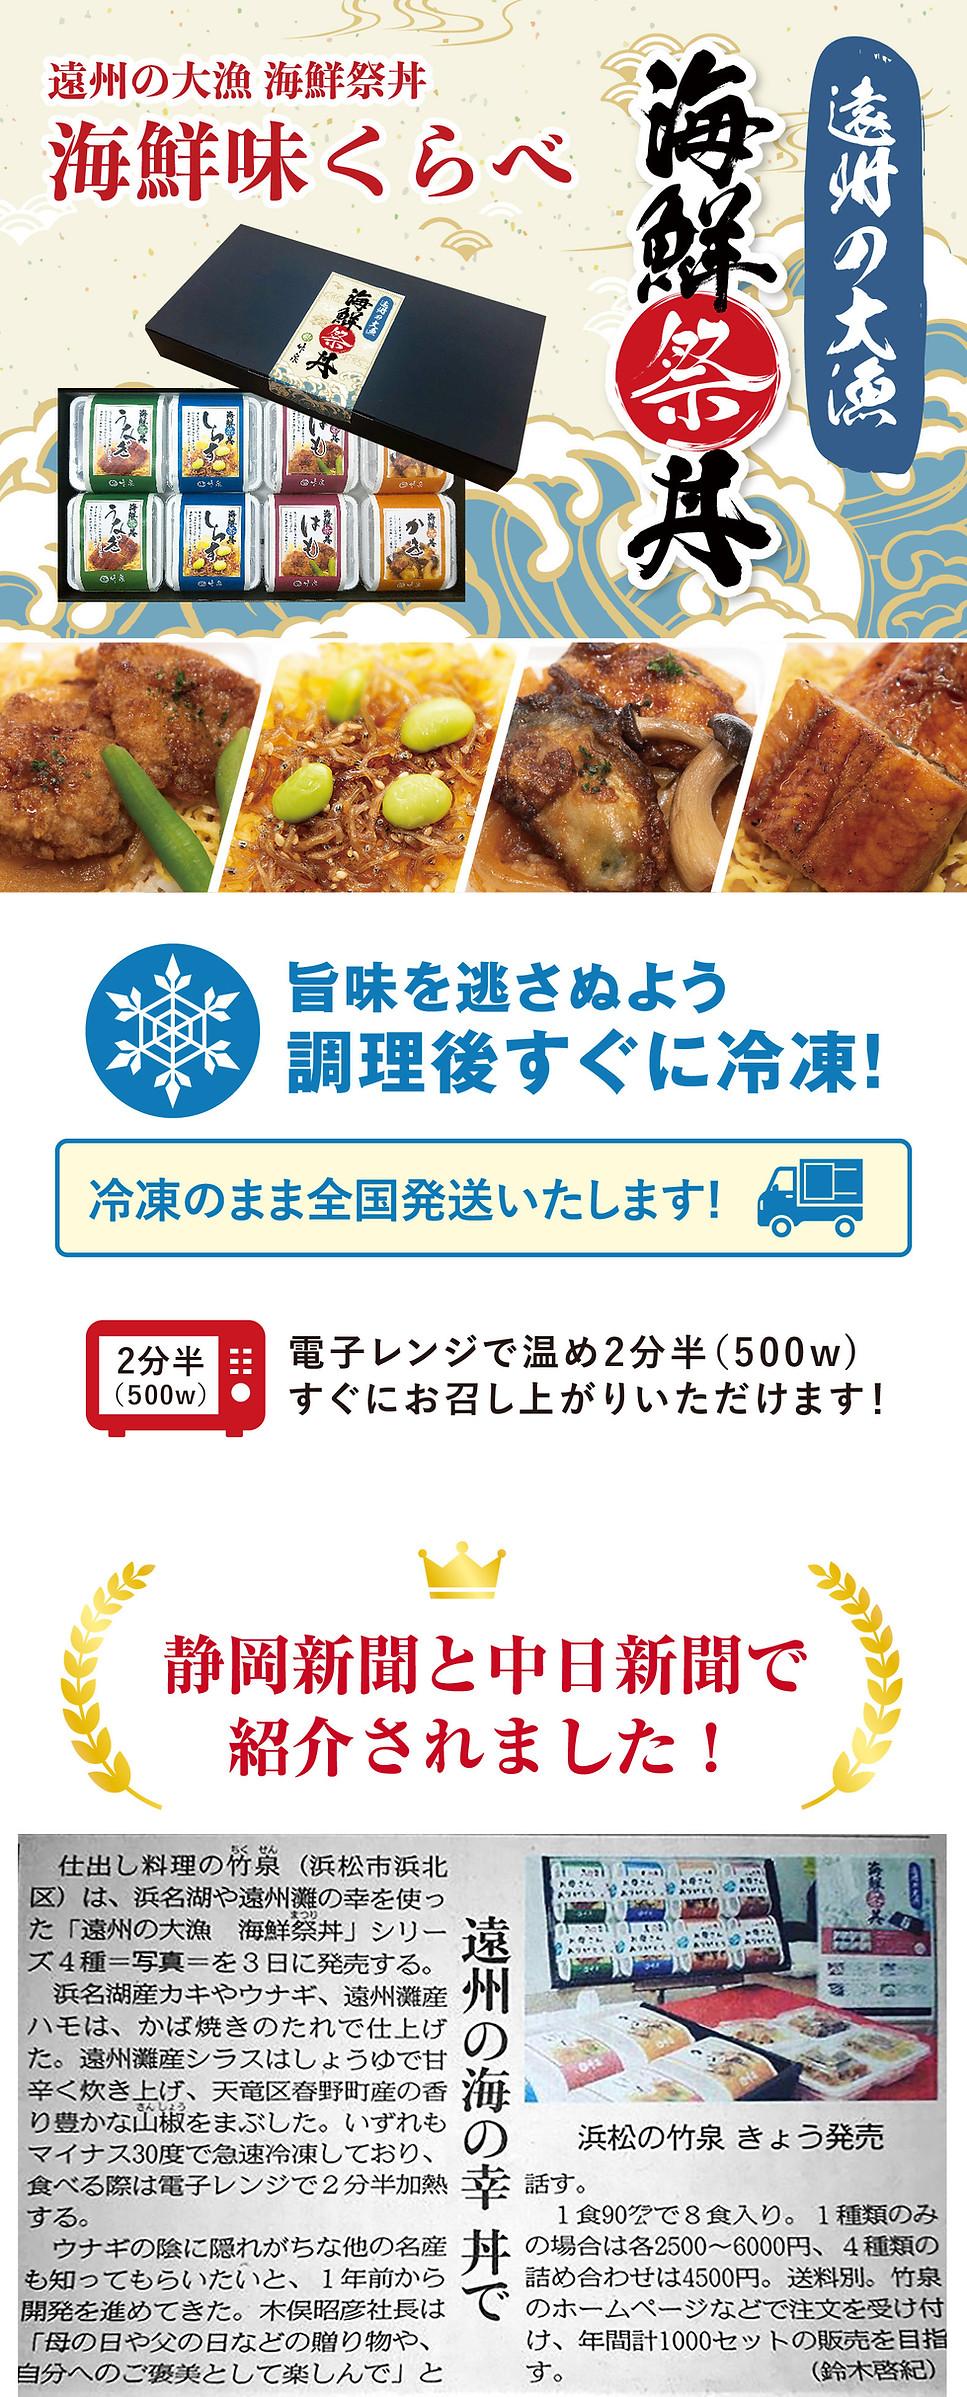 kaisenmatsuridon-lp01.jpg